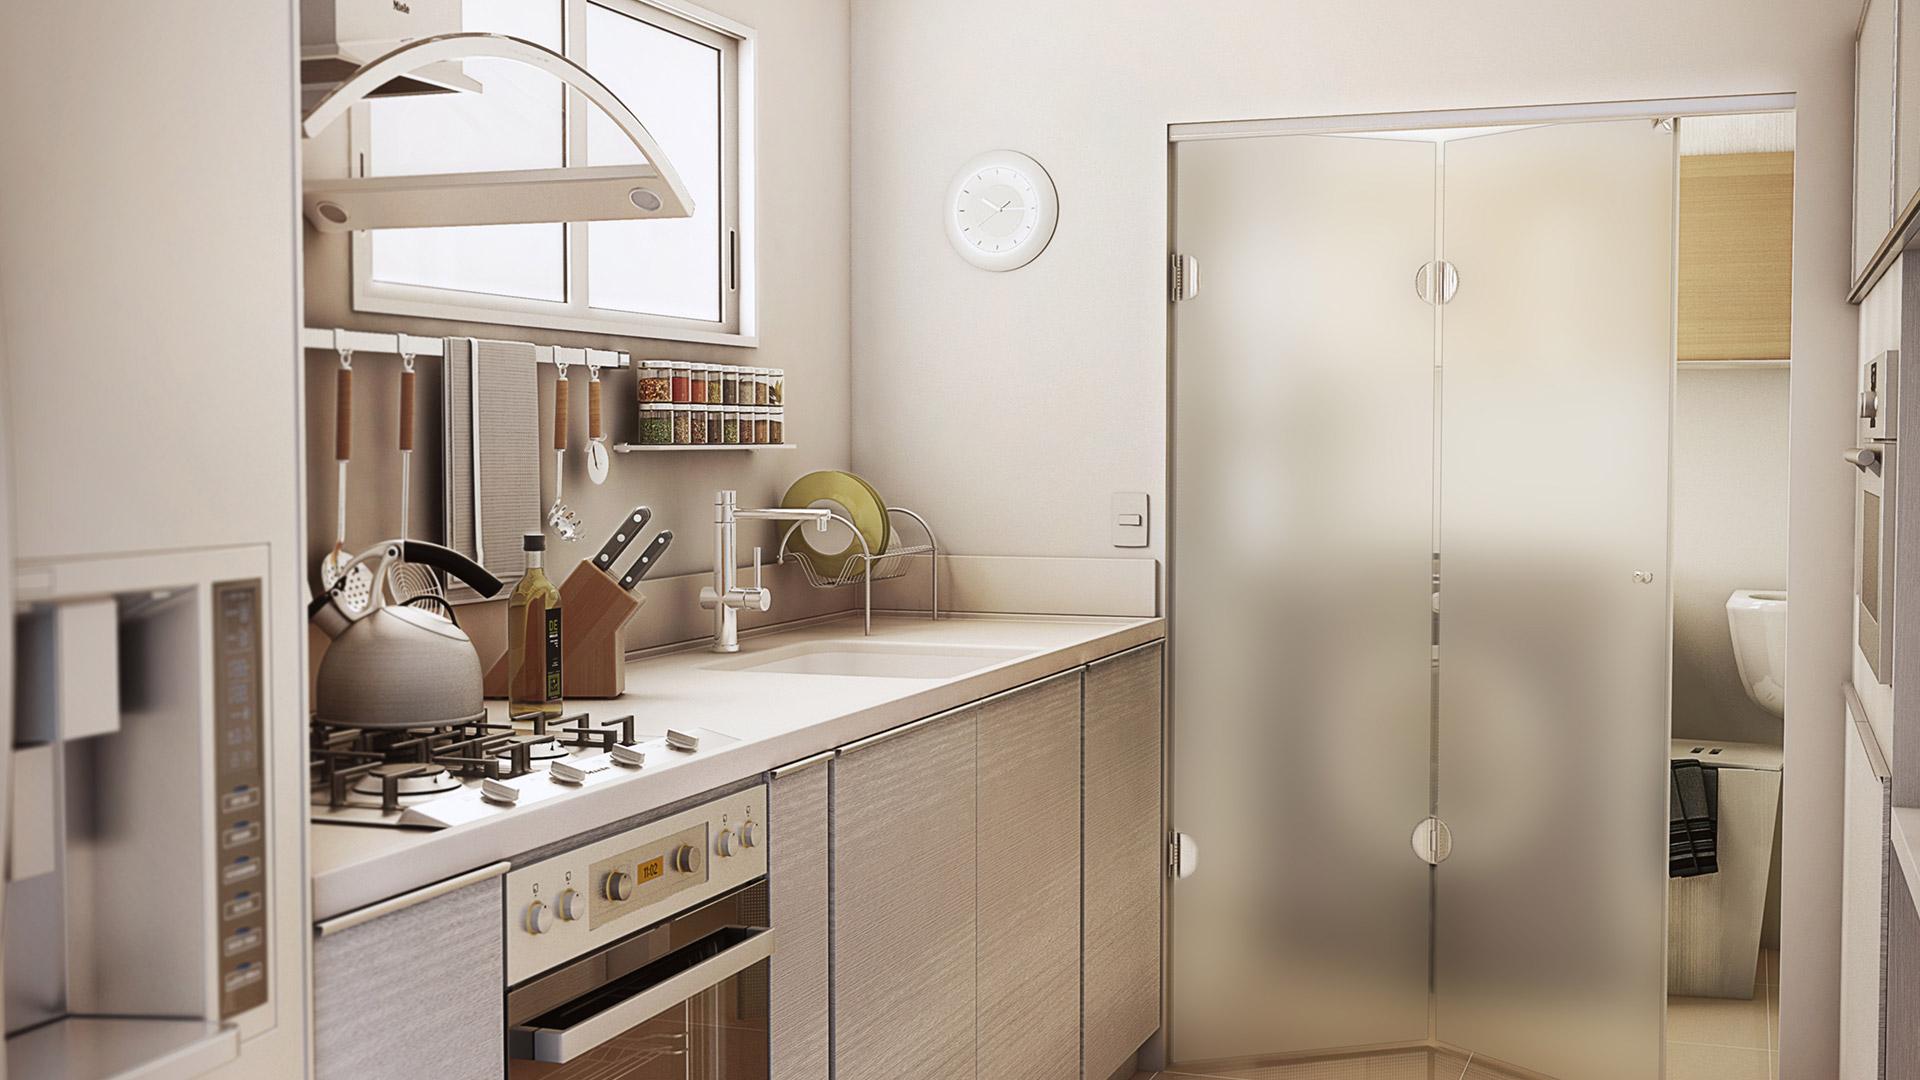 Porta De Vidro Para Cozinha Conhe A As Melhores Formas De Us La  ~ Divisoria Para Cozinha E Sala